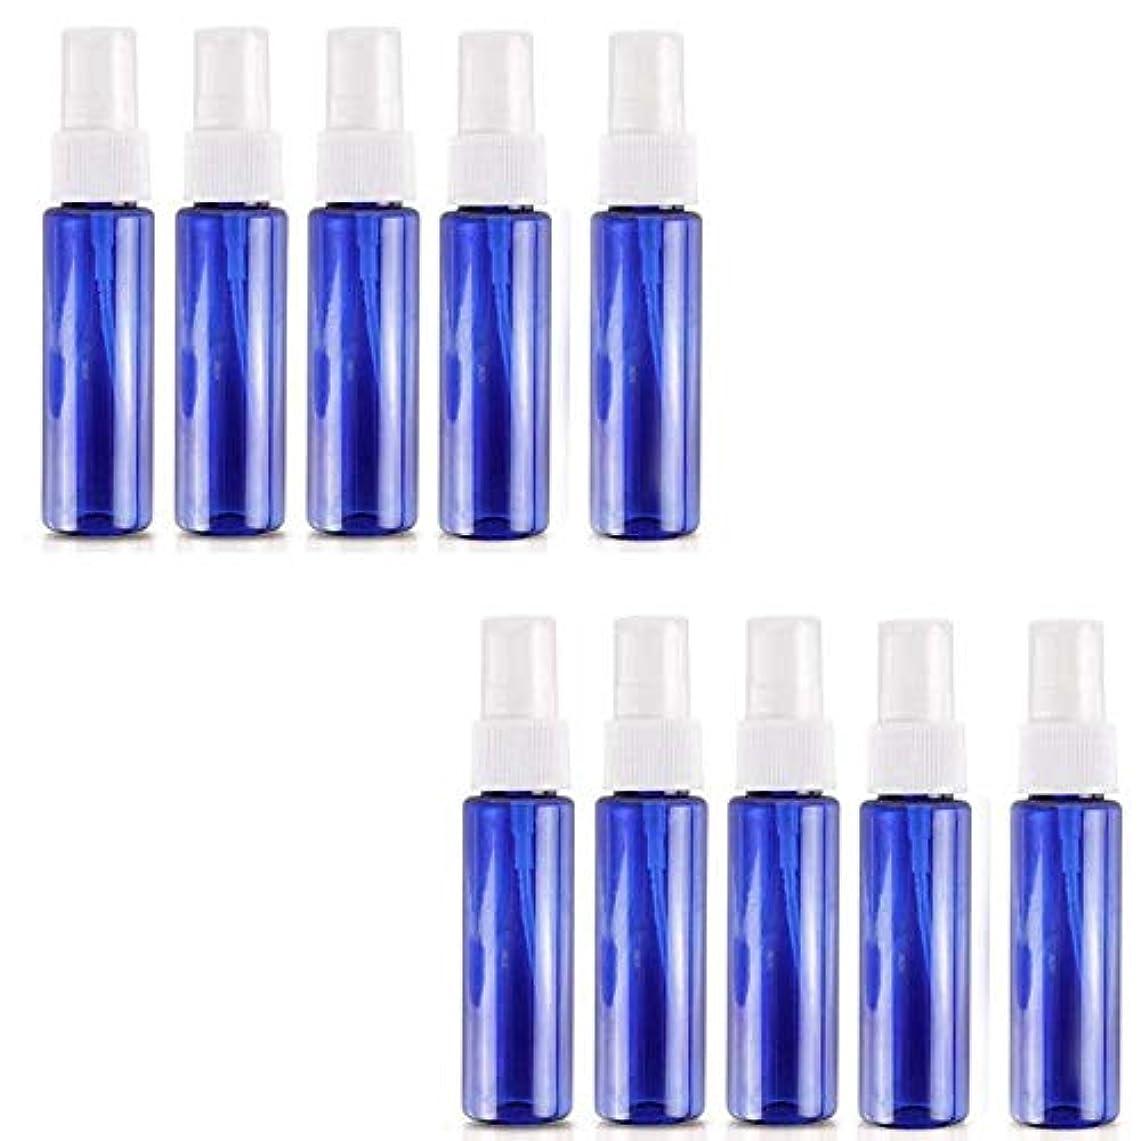 スプレー容器 スプレーボトル30ML 遮光瓶スプレー 10本 アロマ虫除けスプレー プラスチック製 (30ML 青)